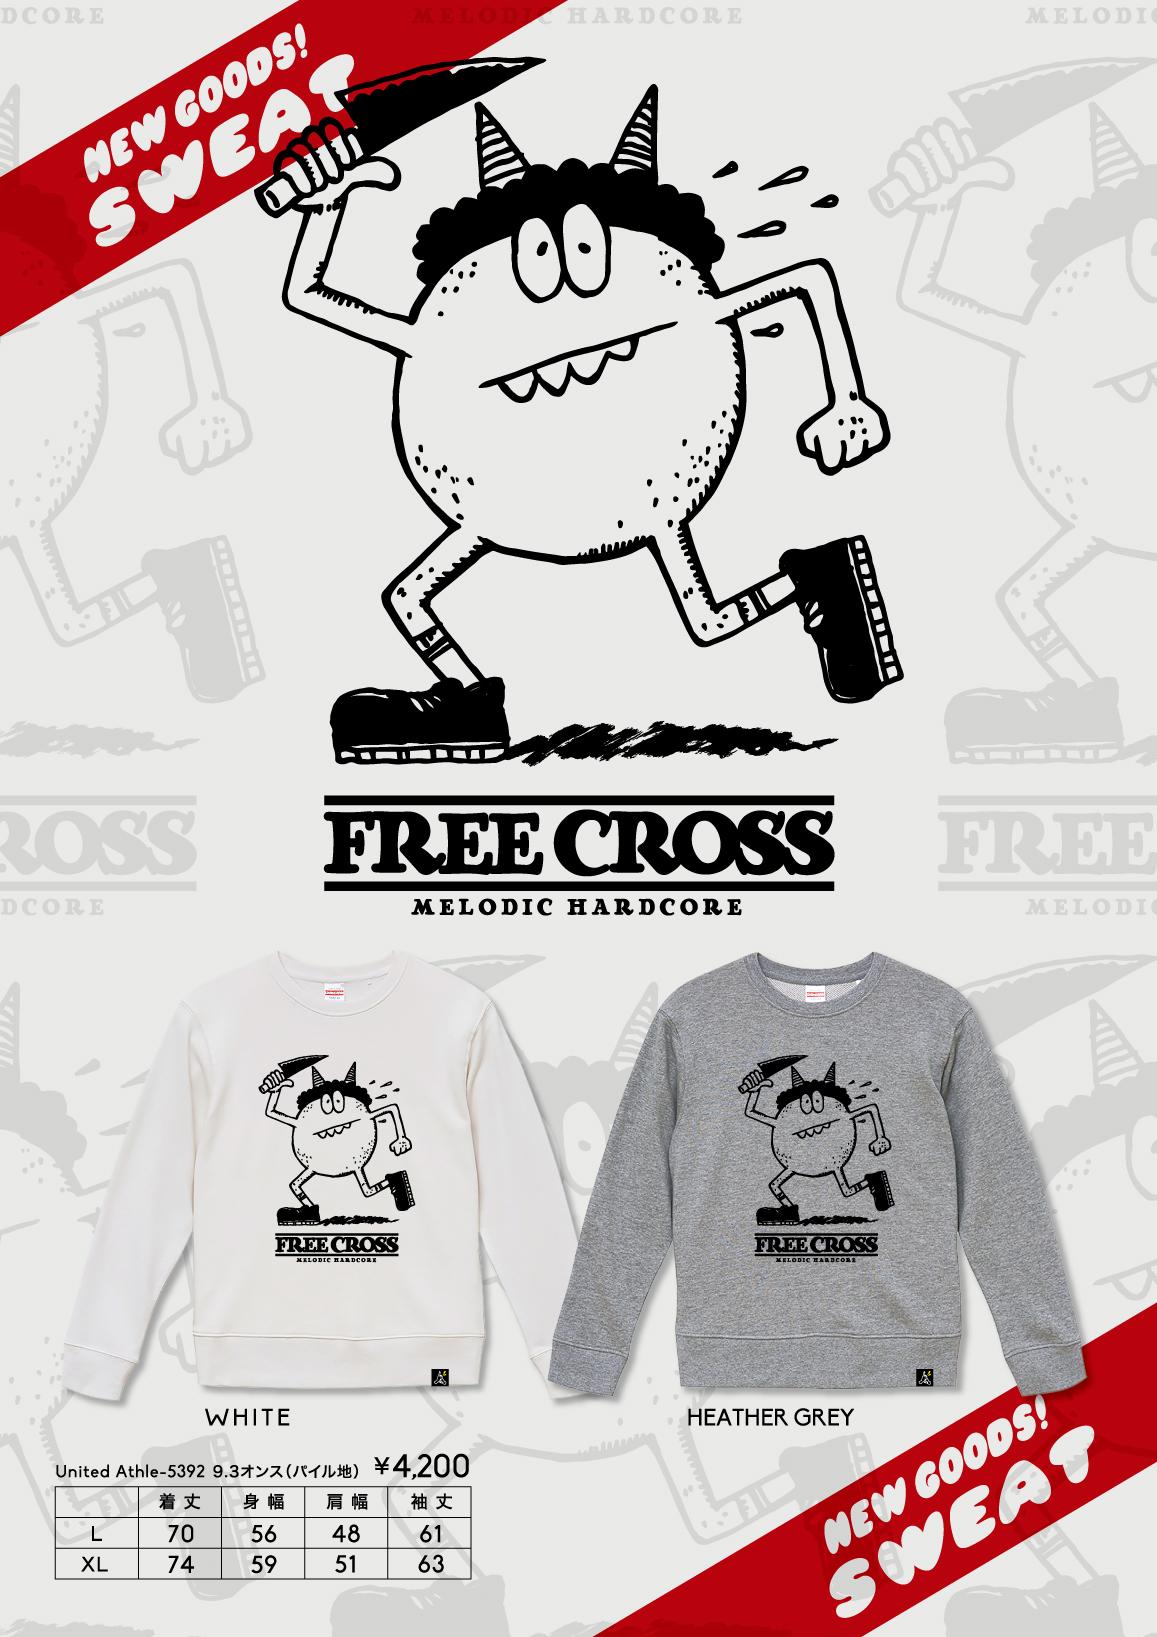 FREE CROSS フリクロ君スウェット